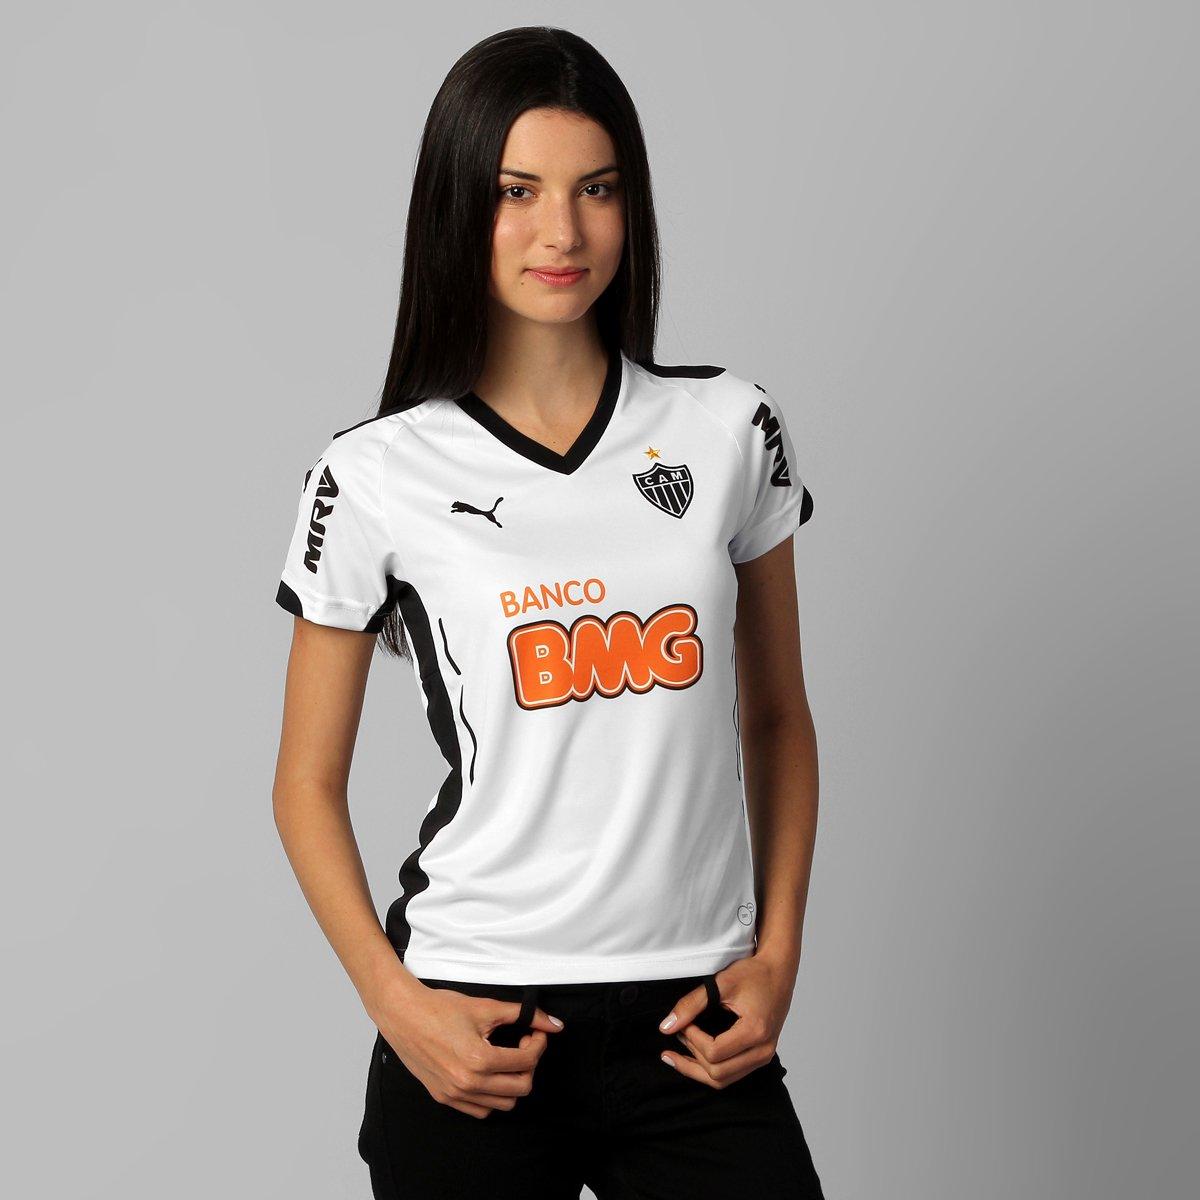 Camisa Feminina Puma Atlético Mineiro II 2014 s nº - Compre Agora ... a0e758843a144